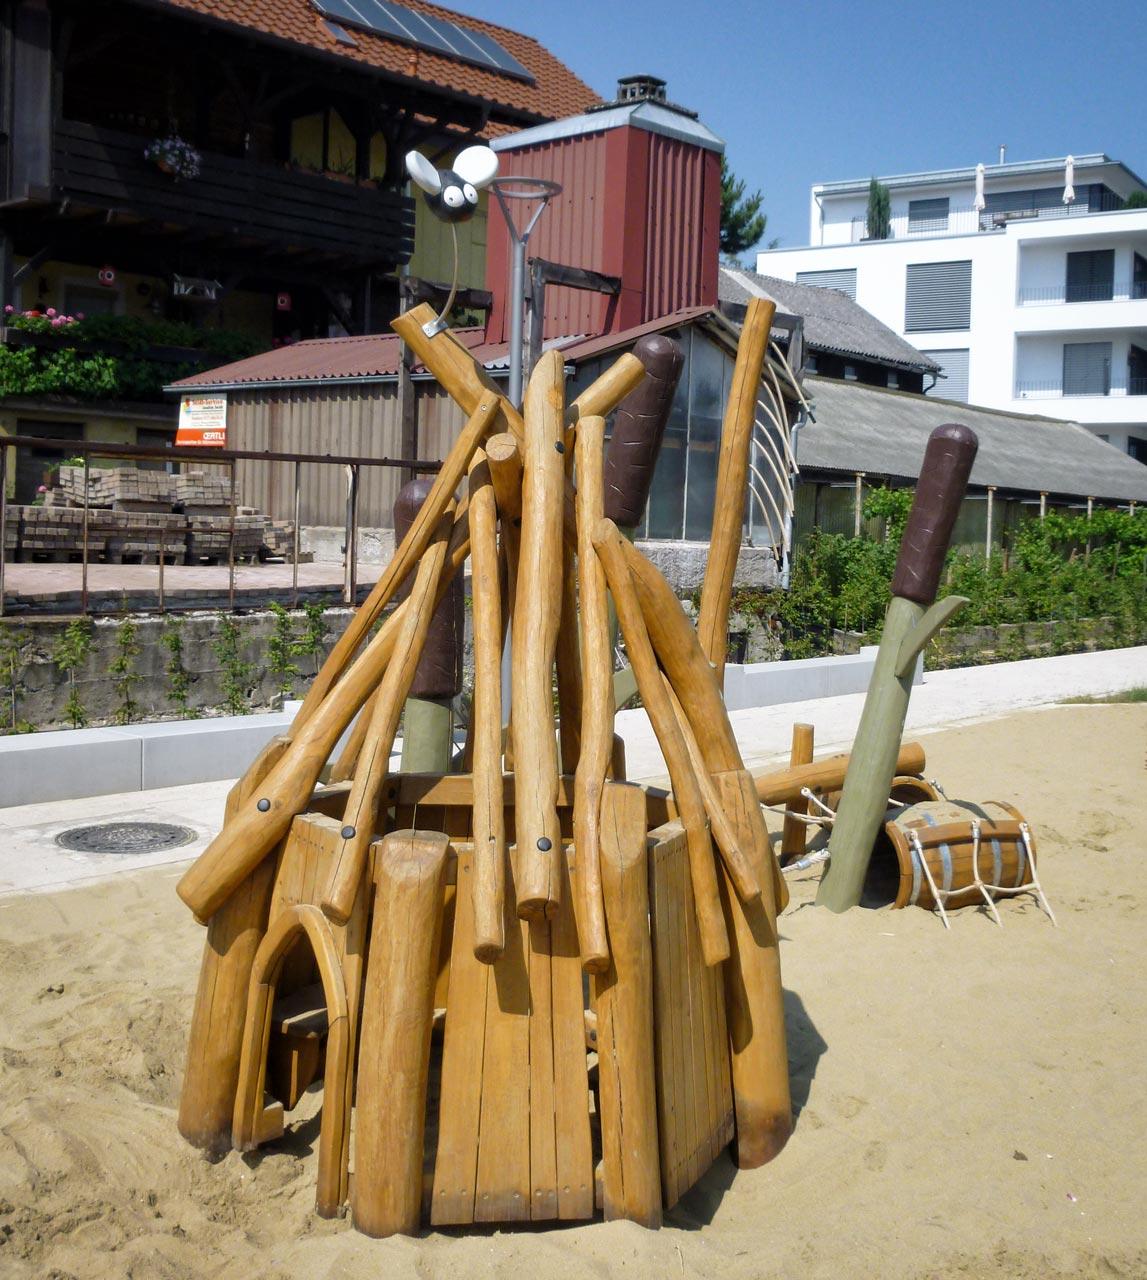 C 192 Schilfhaus mit Strandgut